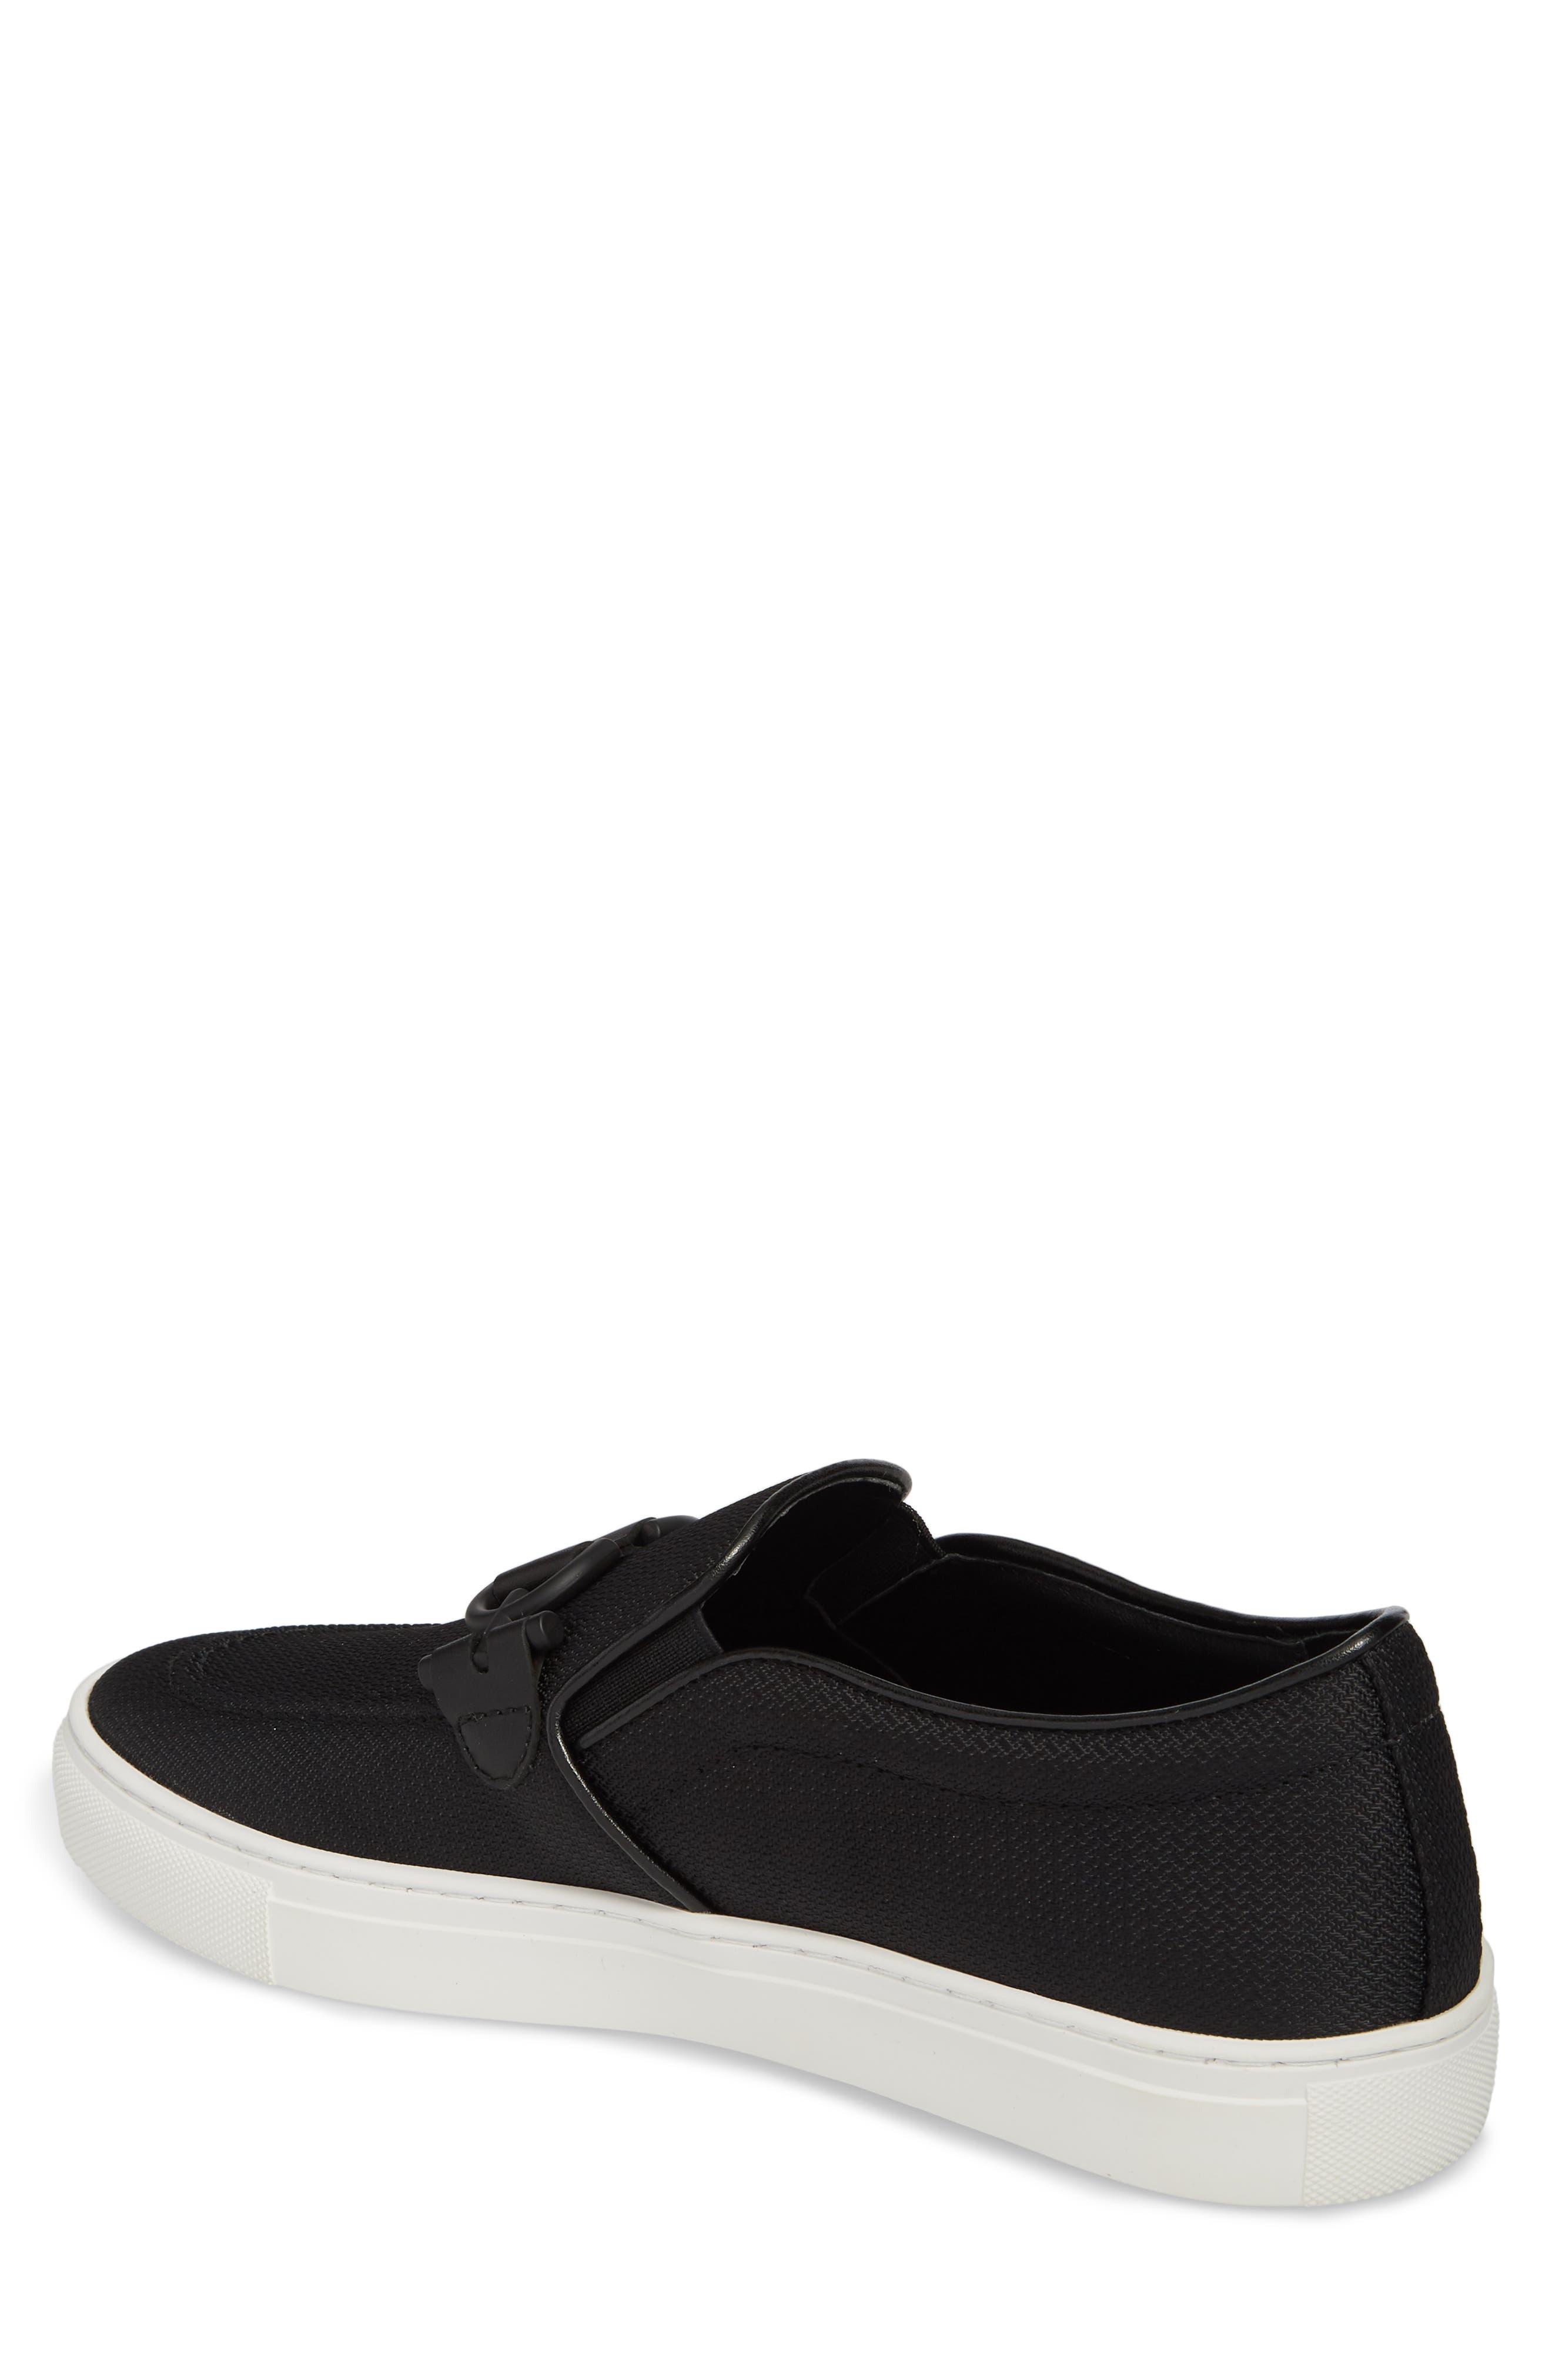 Andor Bit Slip-On Sneaker,                             Alternate thumbnail 2, color,                             Black Mesh